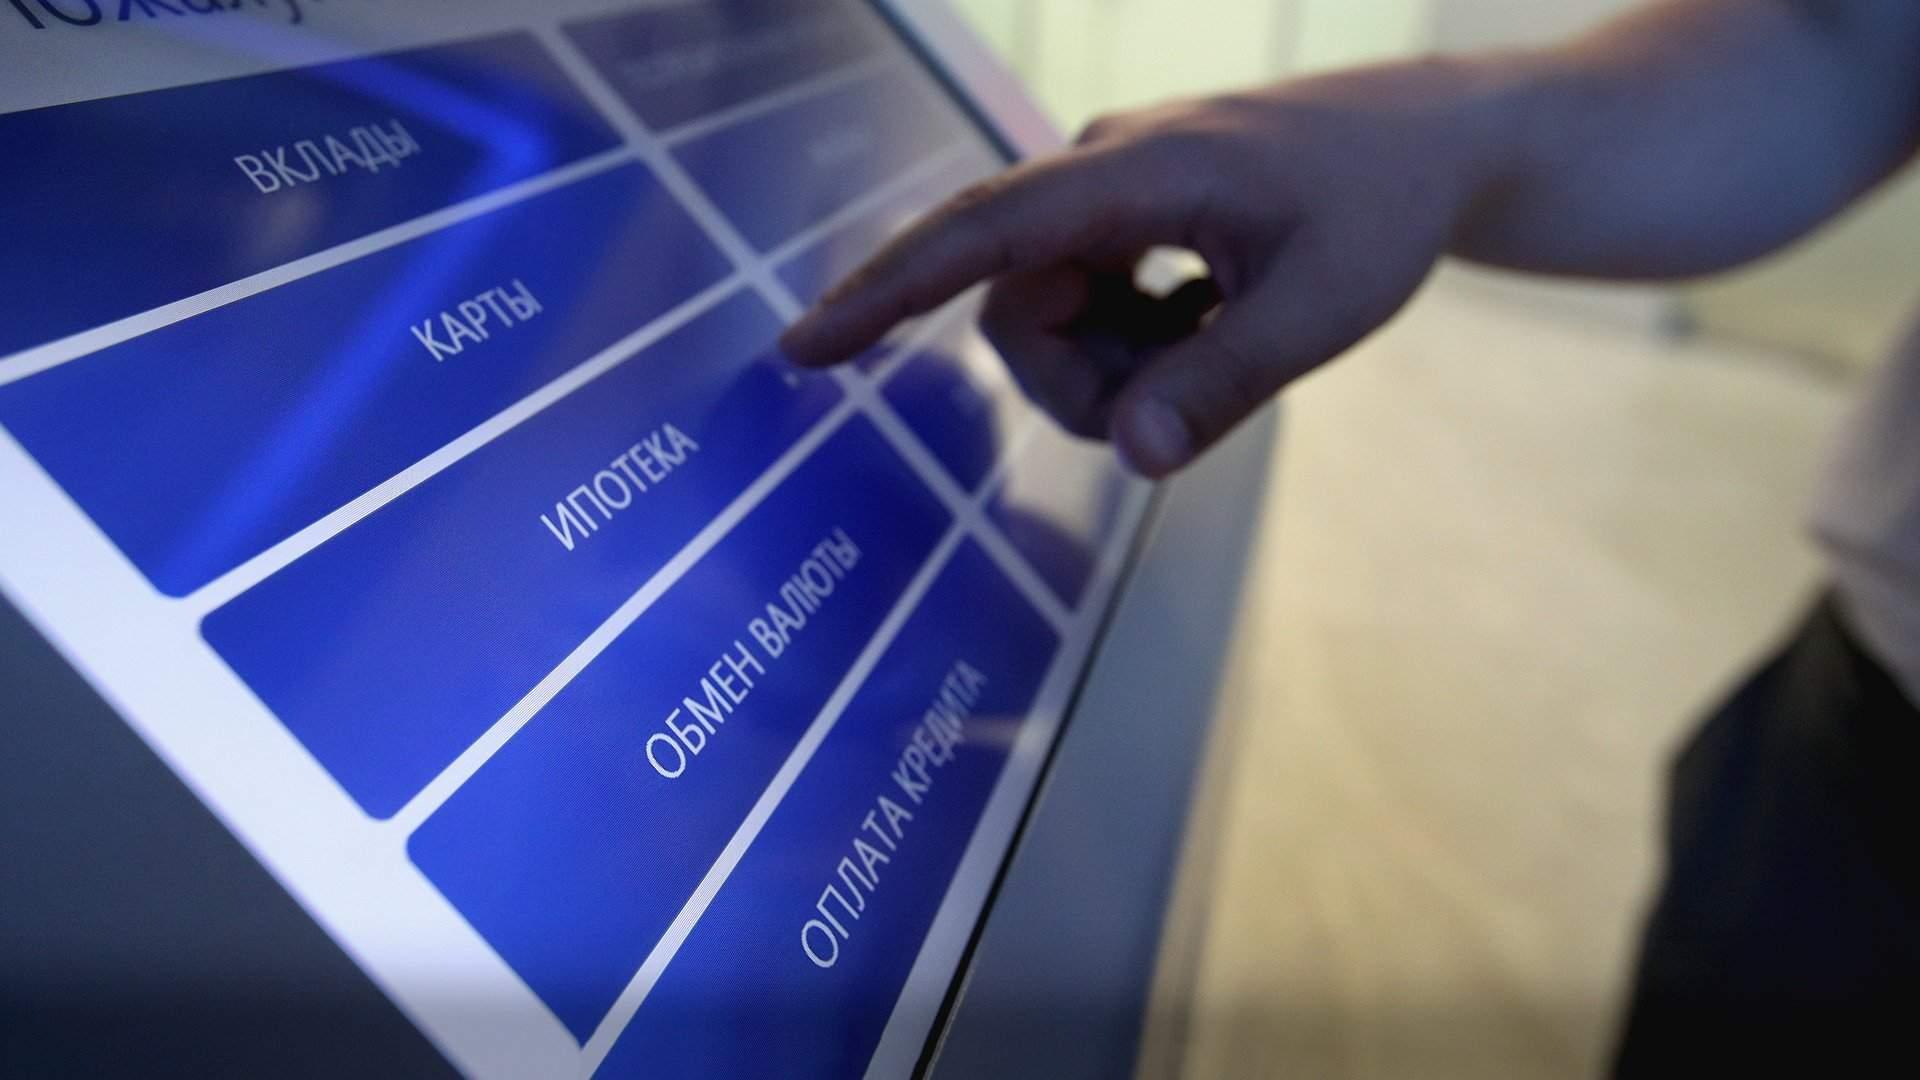 ставка цб ипотечный кредитипотека калькулятор онлайн рассчитать сбербанк без первоначального взноса